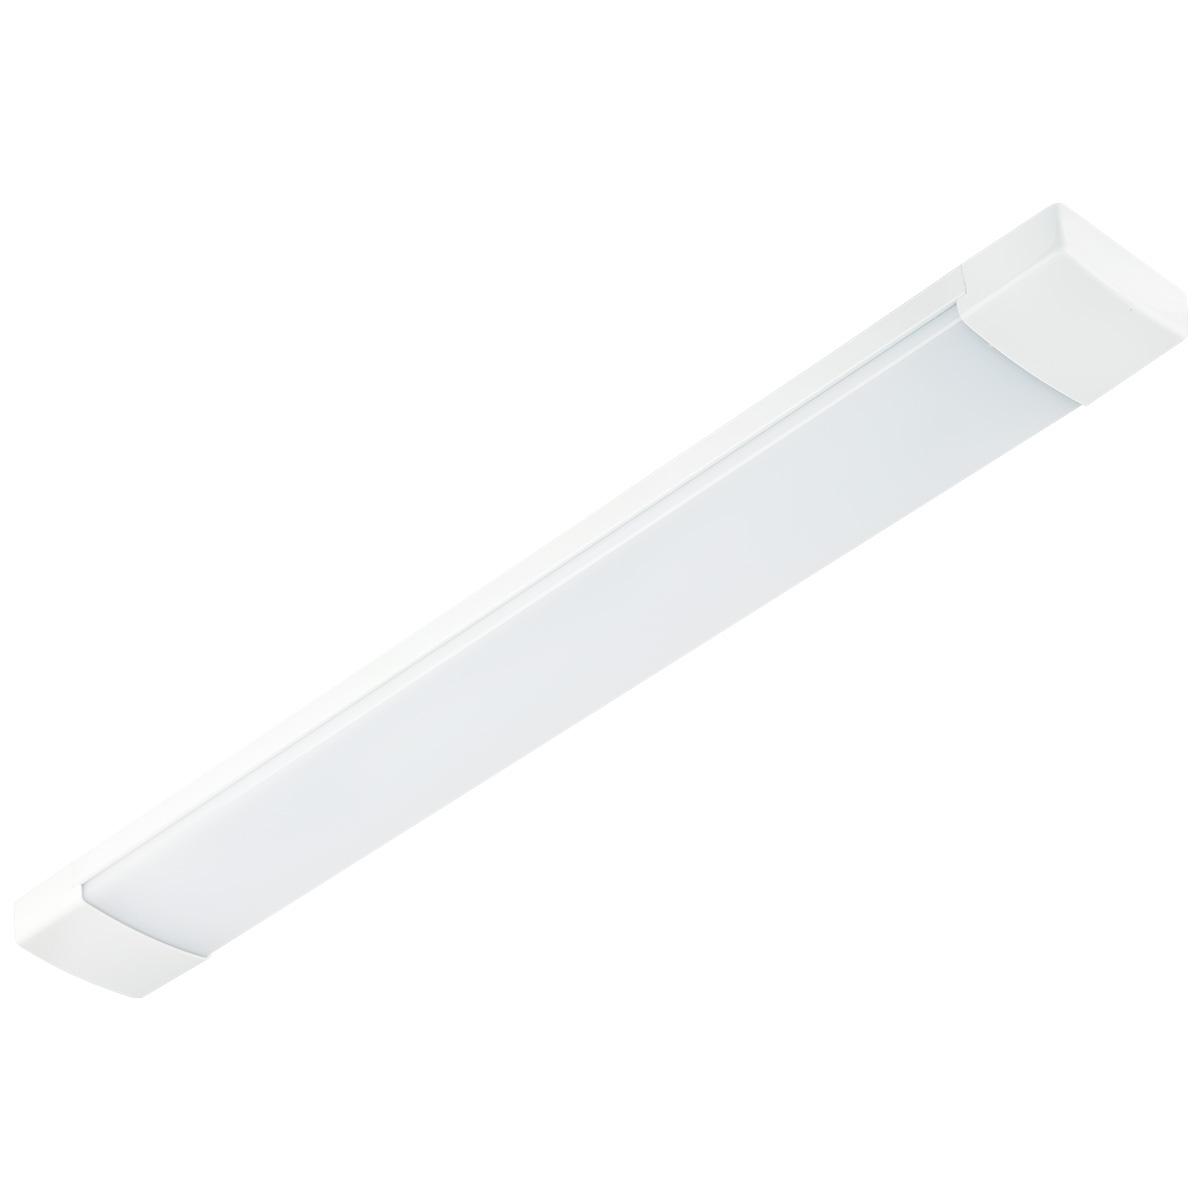 Lighting Fixture LED LZN 18W WHITE 60 SM 6000K